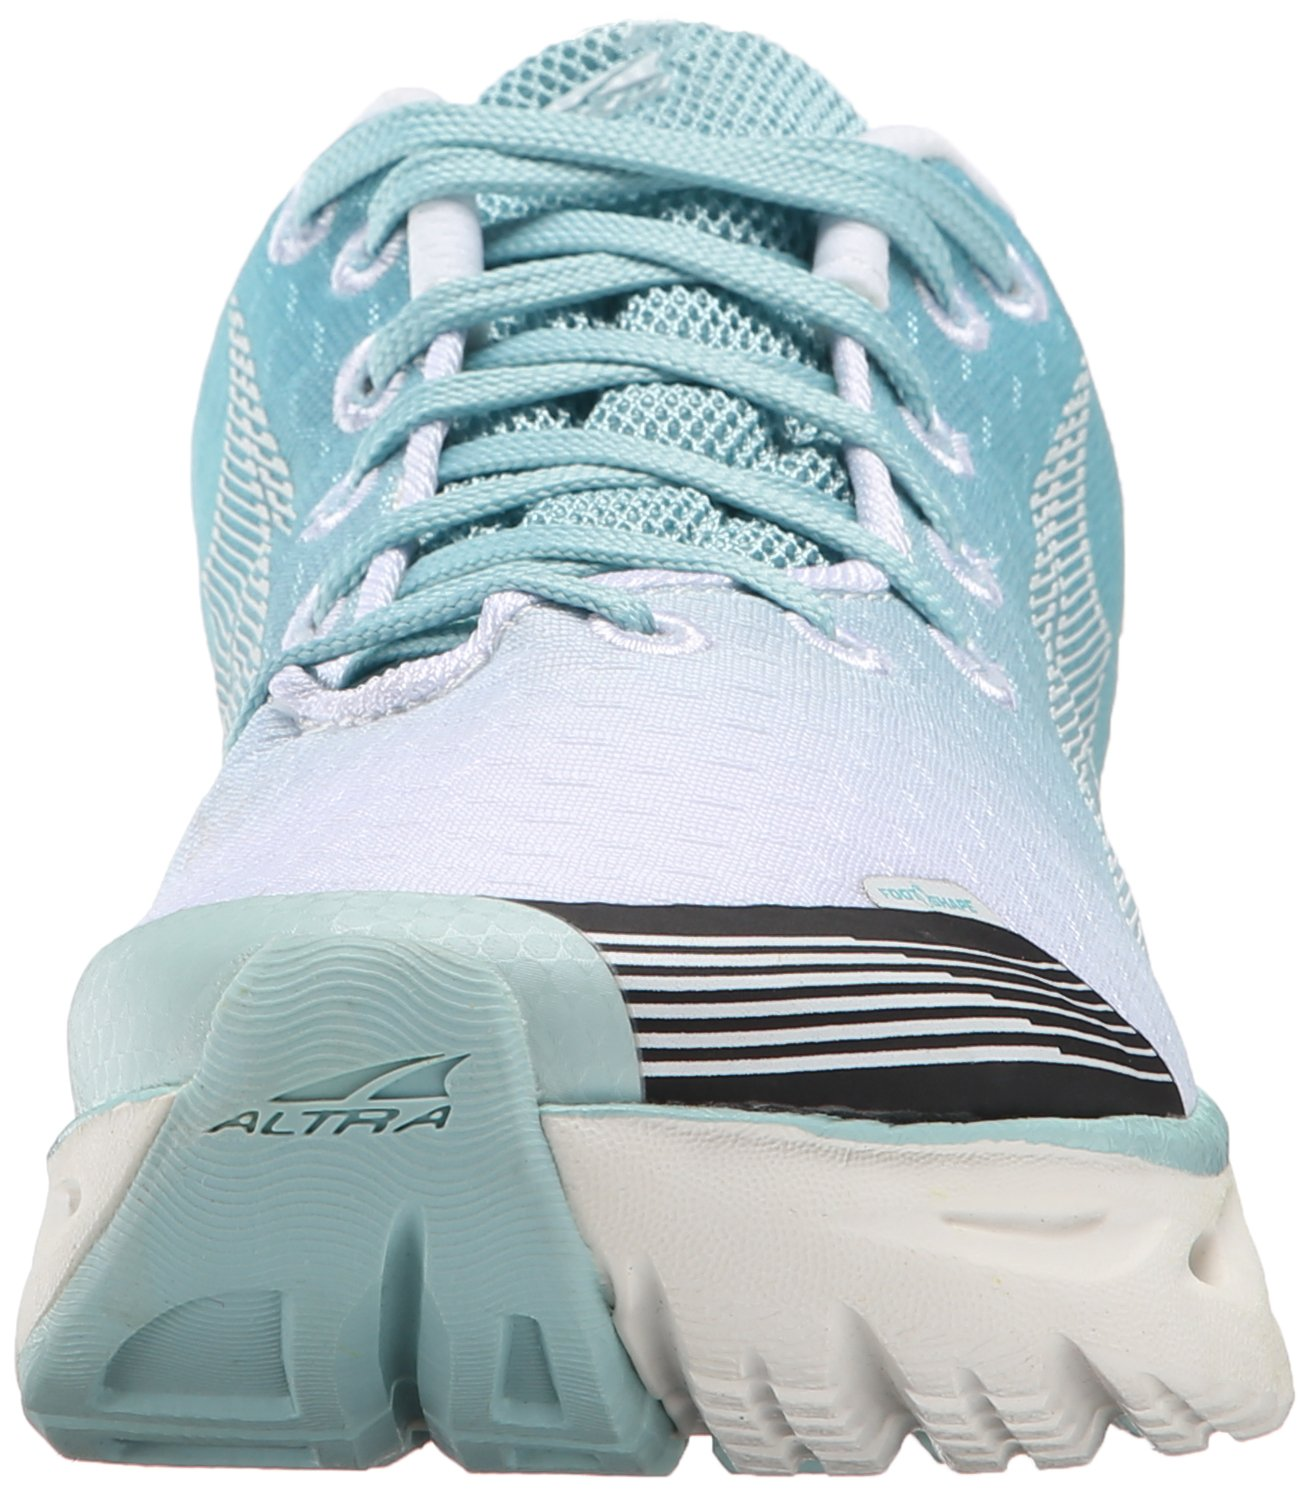 71AUWuQVVzL - Altra Women's Impulse Running Shoe